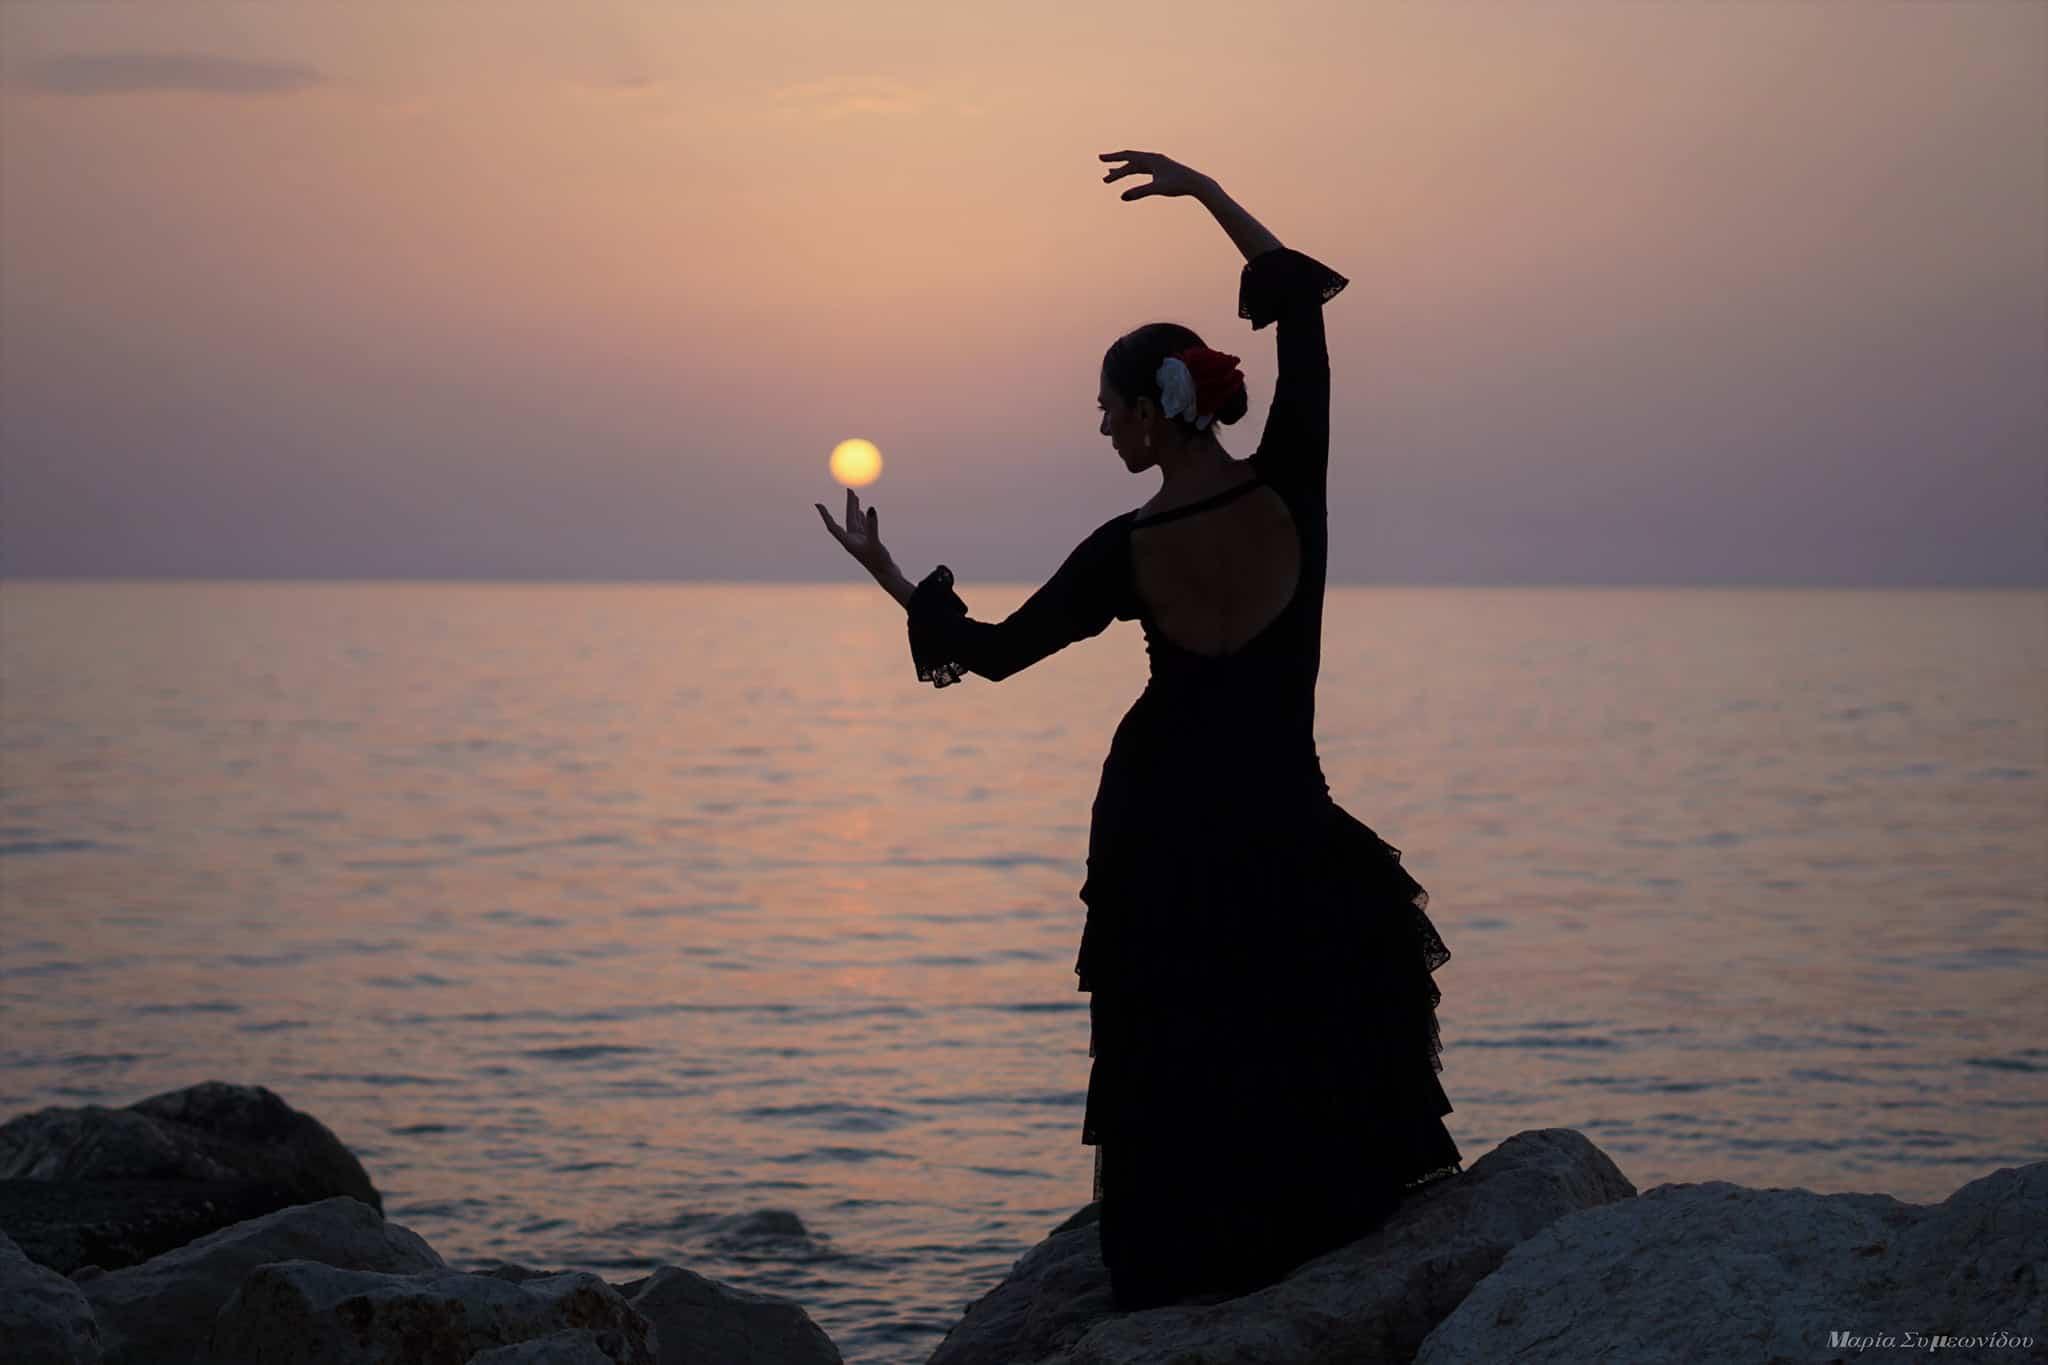 Σιλένα Γασπαρινάτου - Το Πατρινό αστέρι του Φλαμένκο στην Γρανάδα